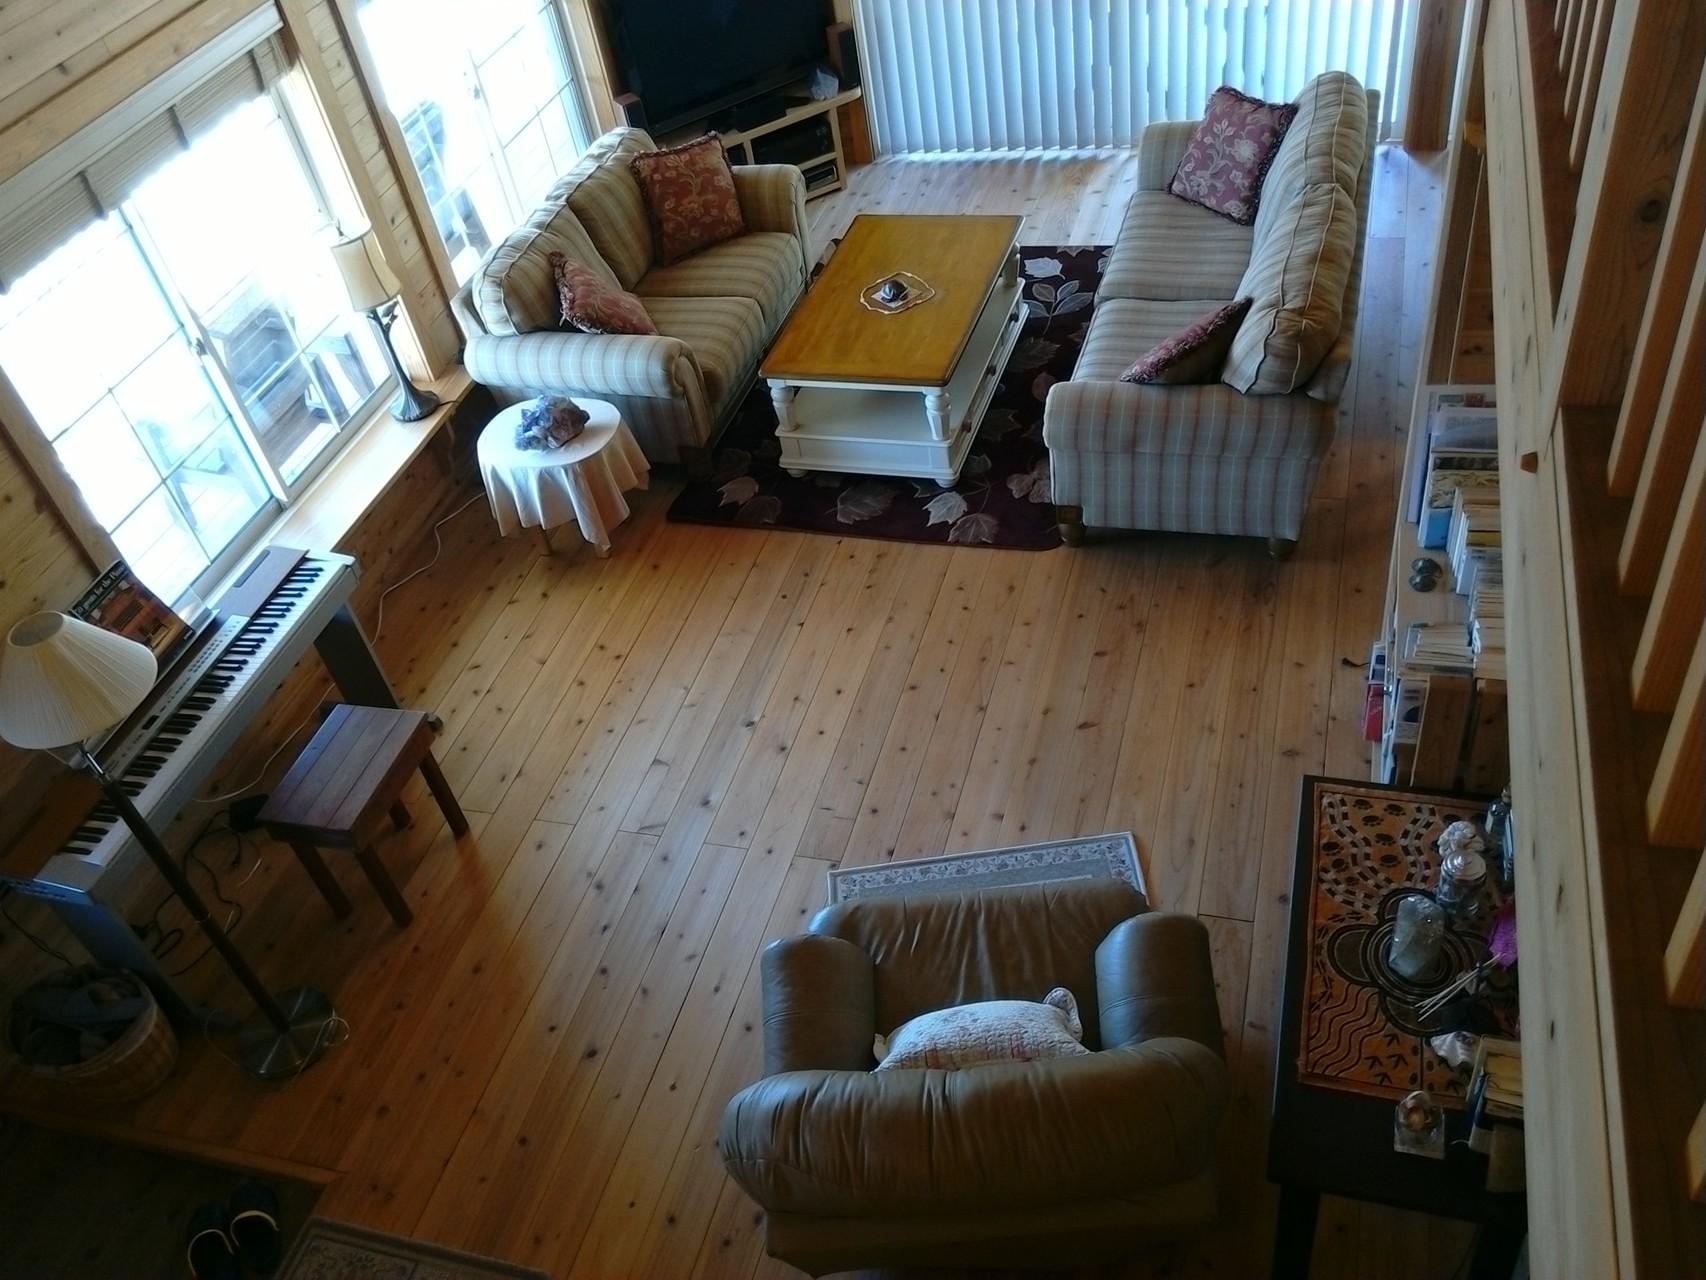 ロフトから見えるリビングルーム  The living room seen from the loft